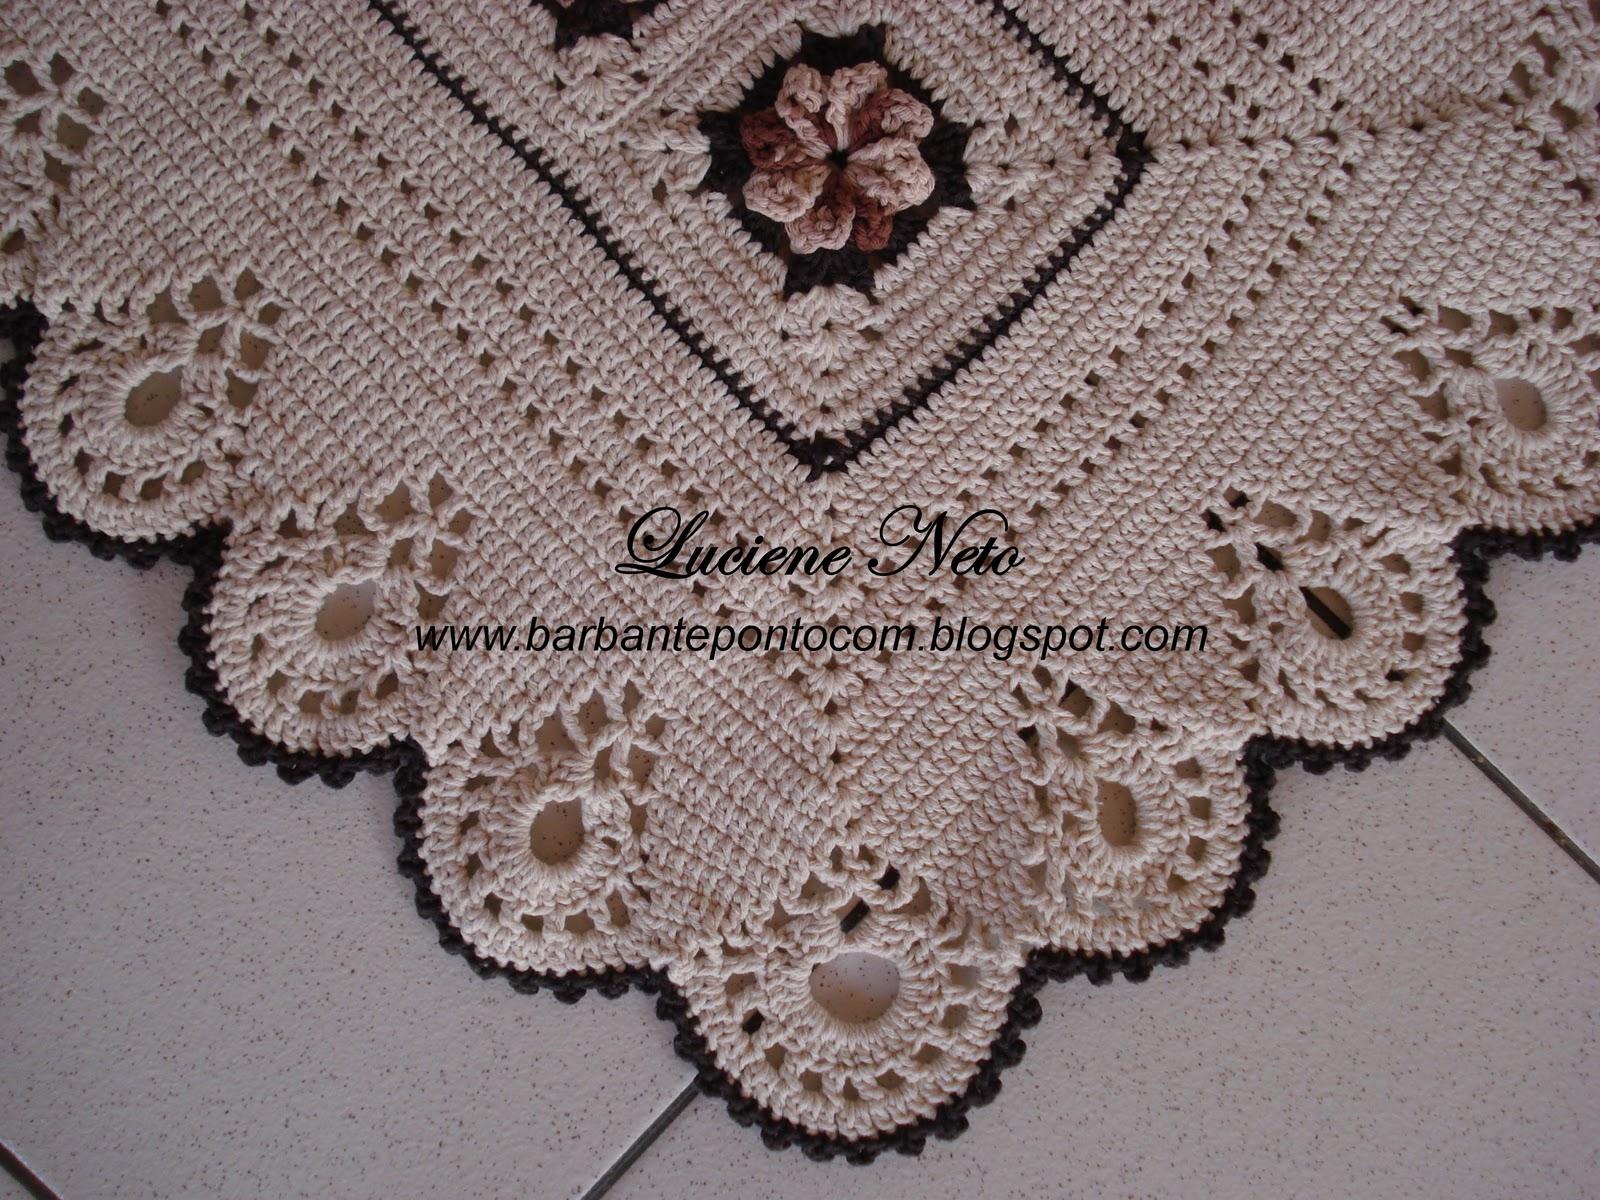 tapete retangular flor catavento barbantepontocom. Black Bedroom Furniture Sets. Home Design Ideas